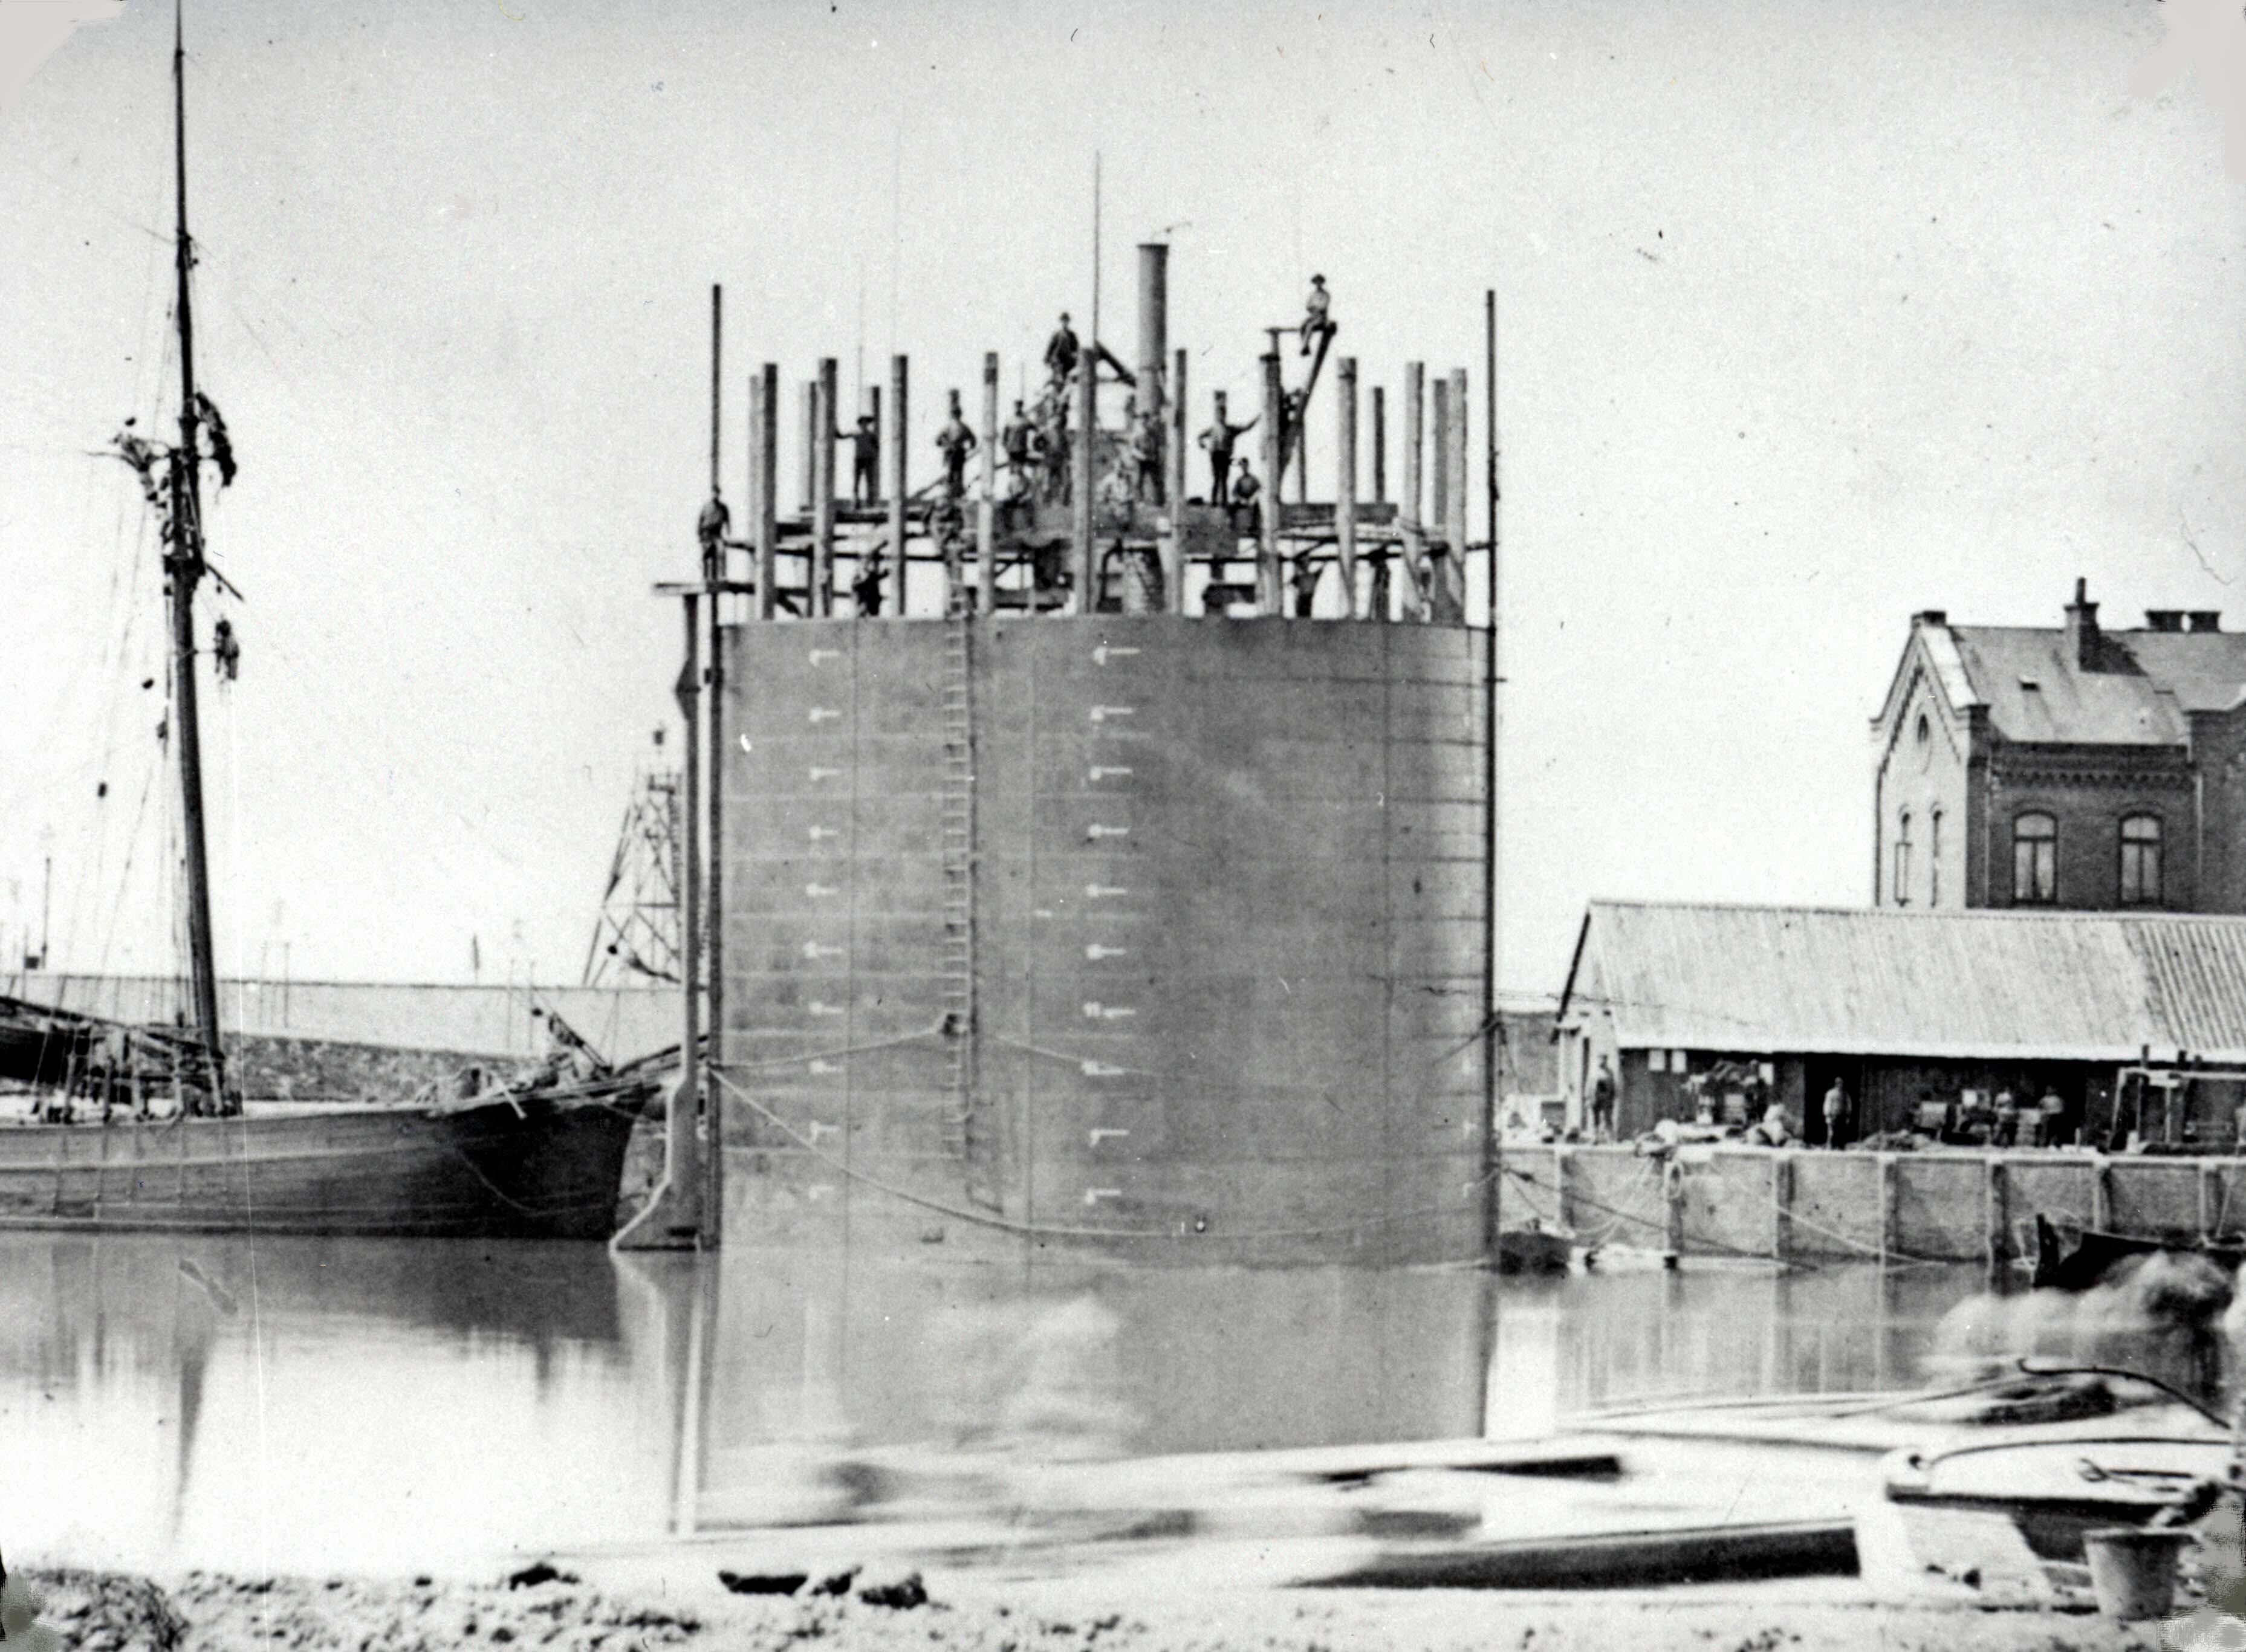 Caissons im Hafen